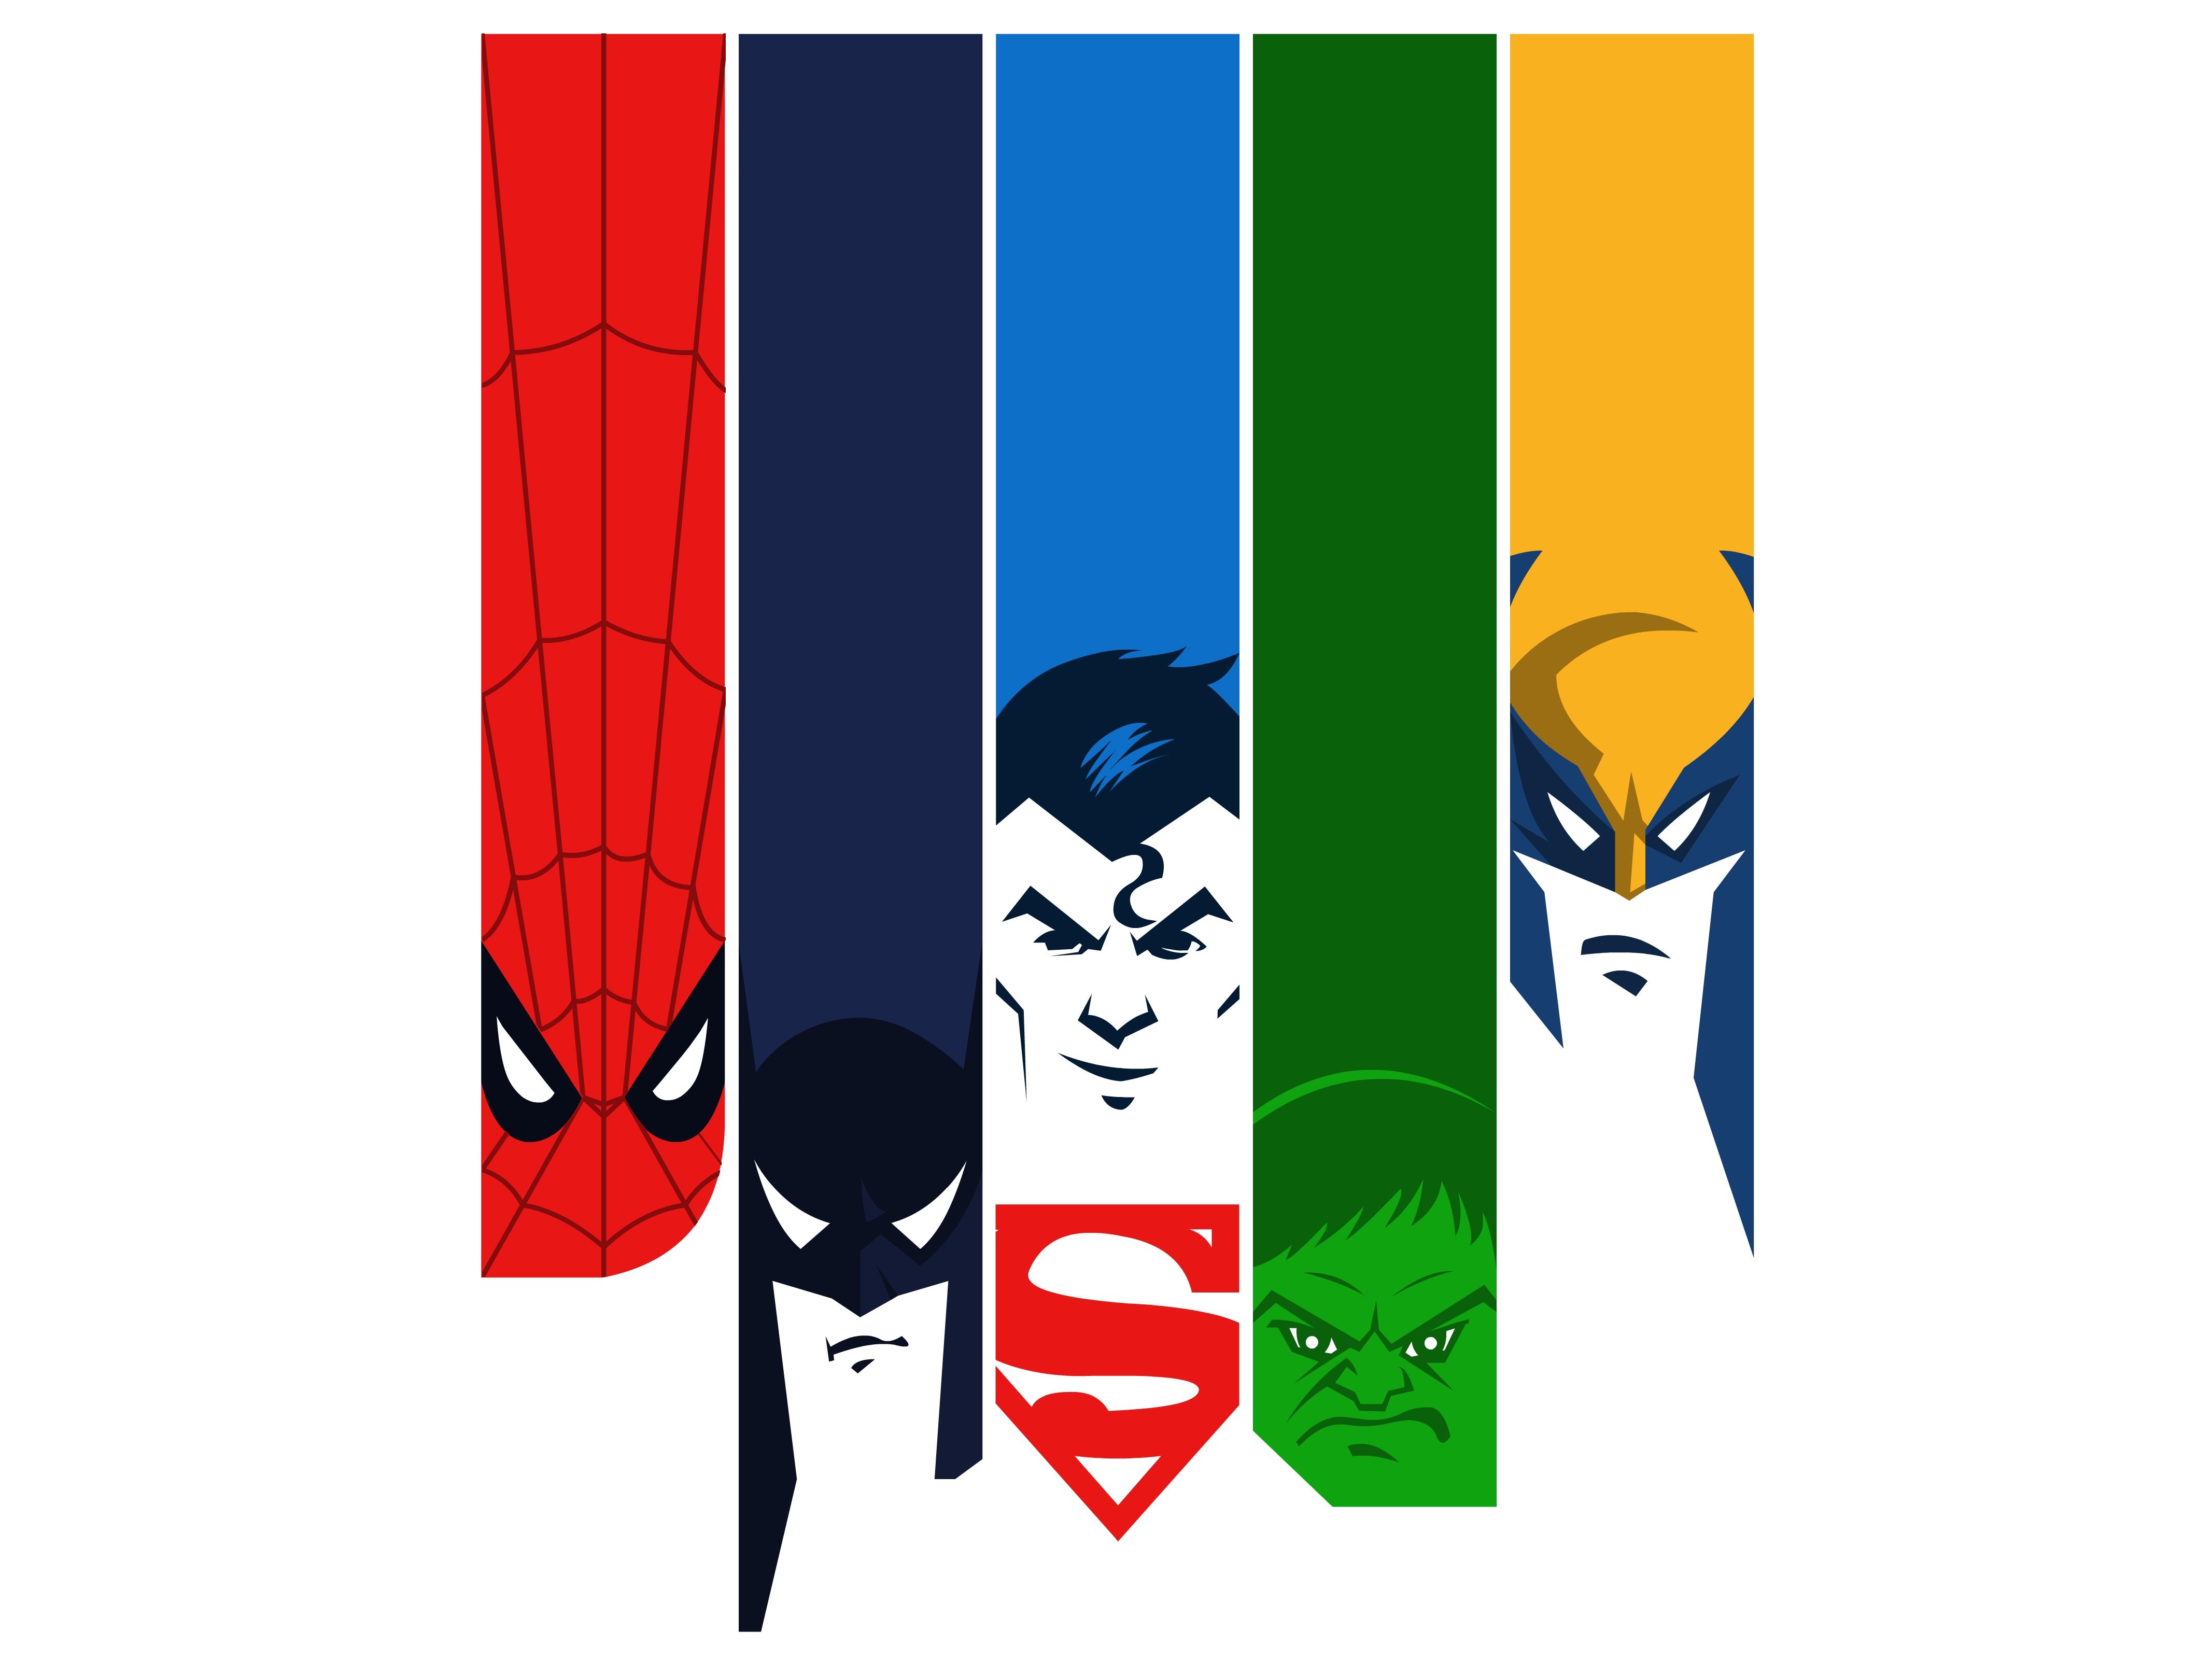 http://naazunutty.deviantart.com/art/My-favorite-Superheroes-329196179